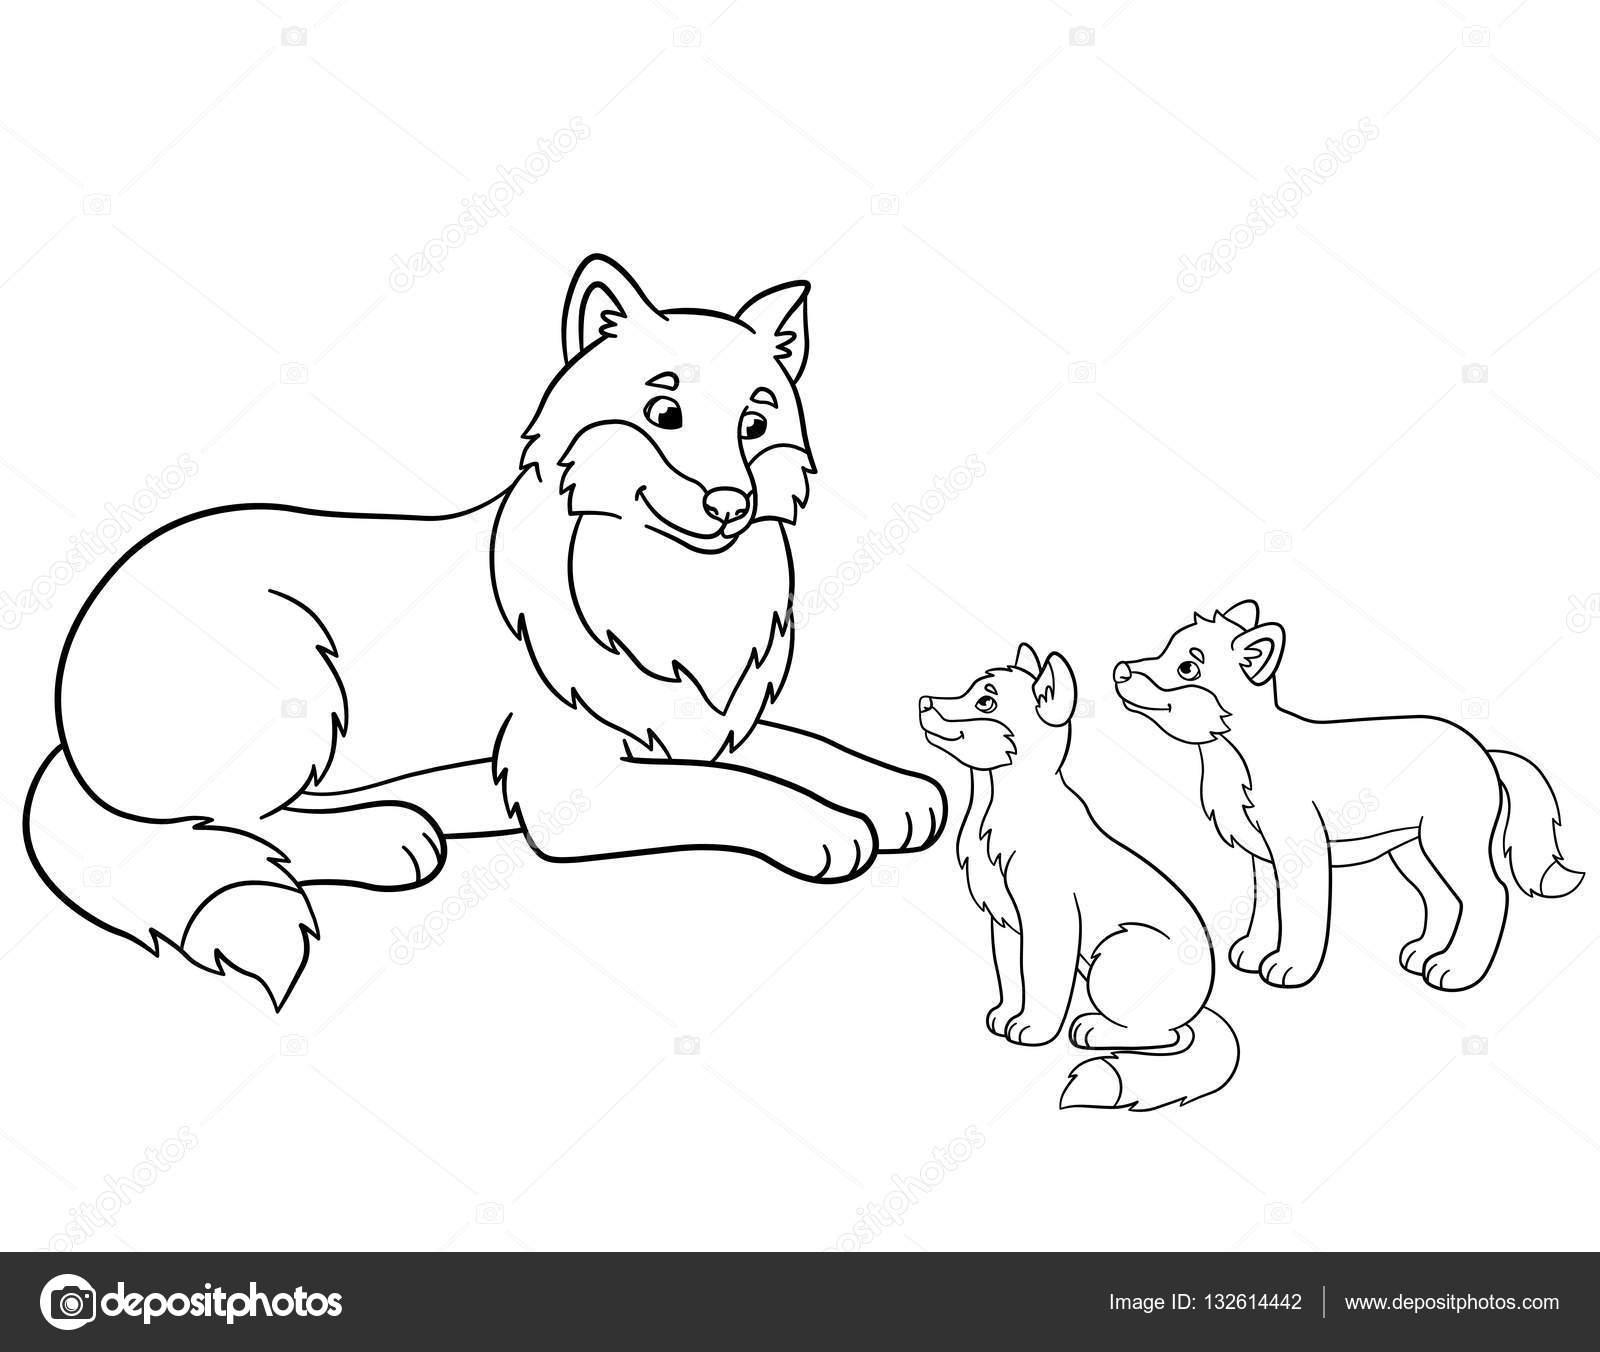 Malvorlagen. Mutter Wolf mit ihren kleinen Babys — Stockvektor © ya ...